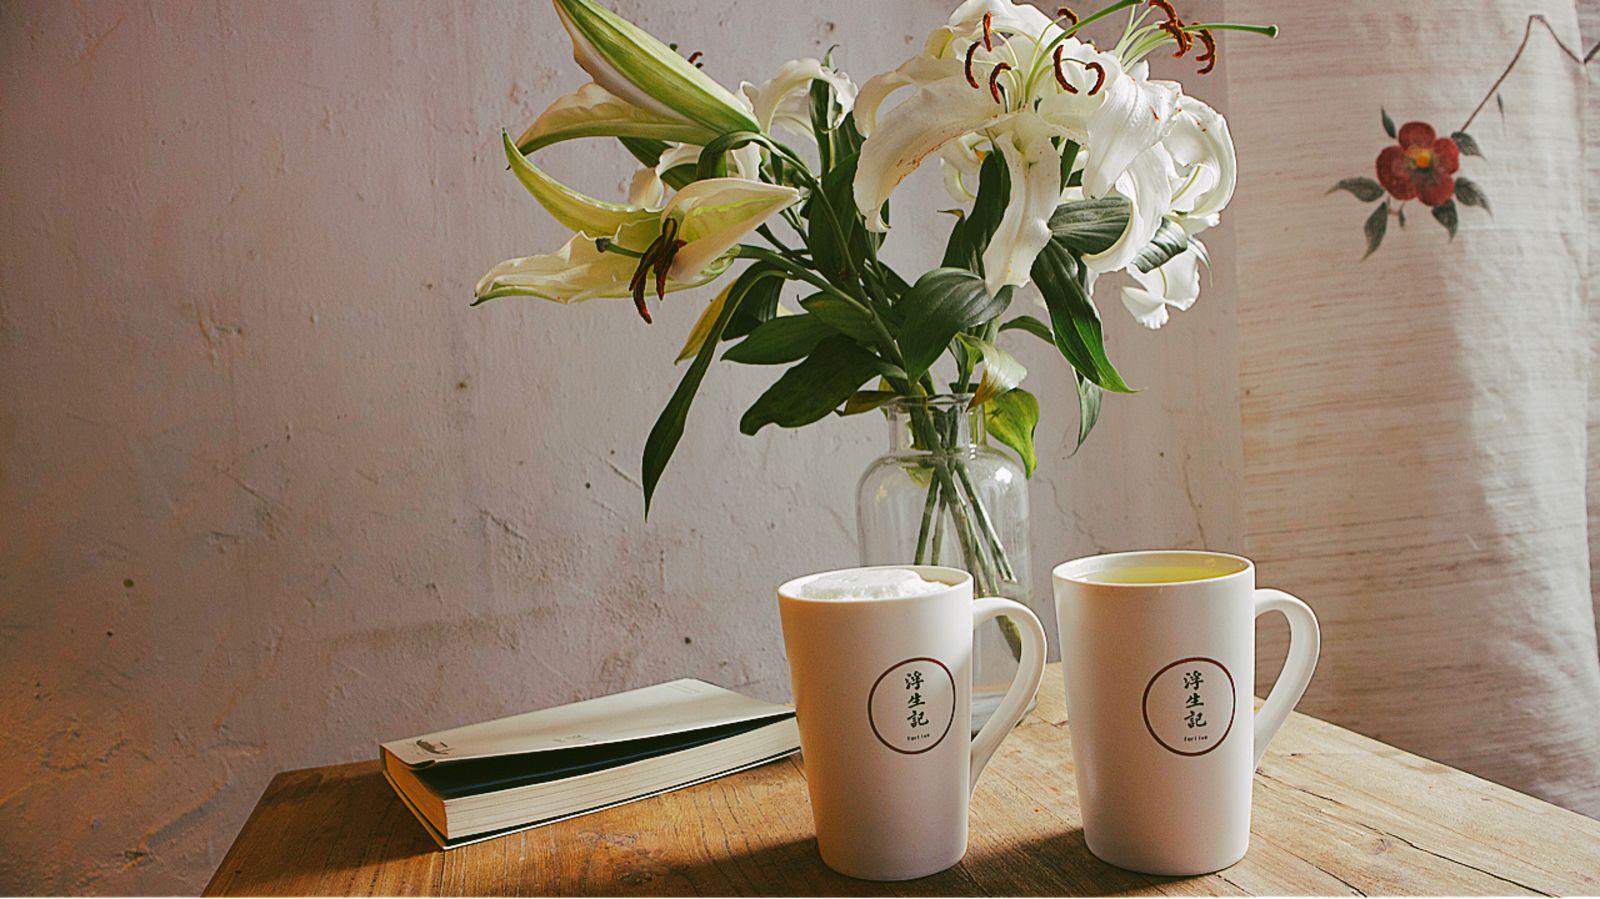 """旅行中の癒やしに!わざわざ行きたくなる""""揚州市""""のカフェ7選"""